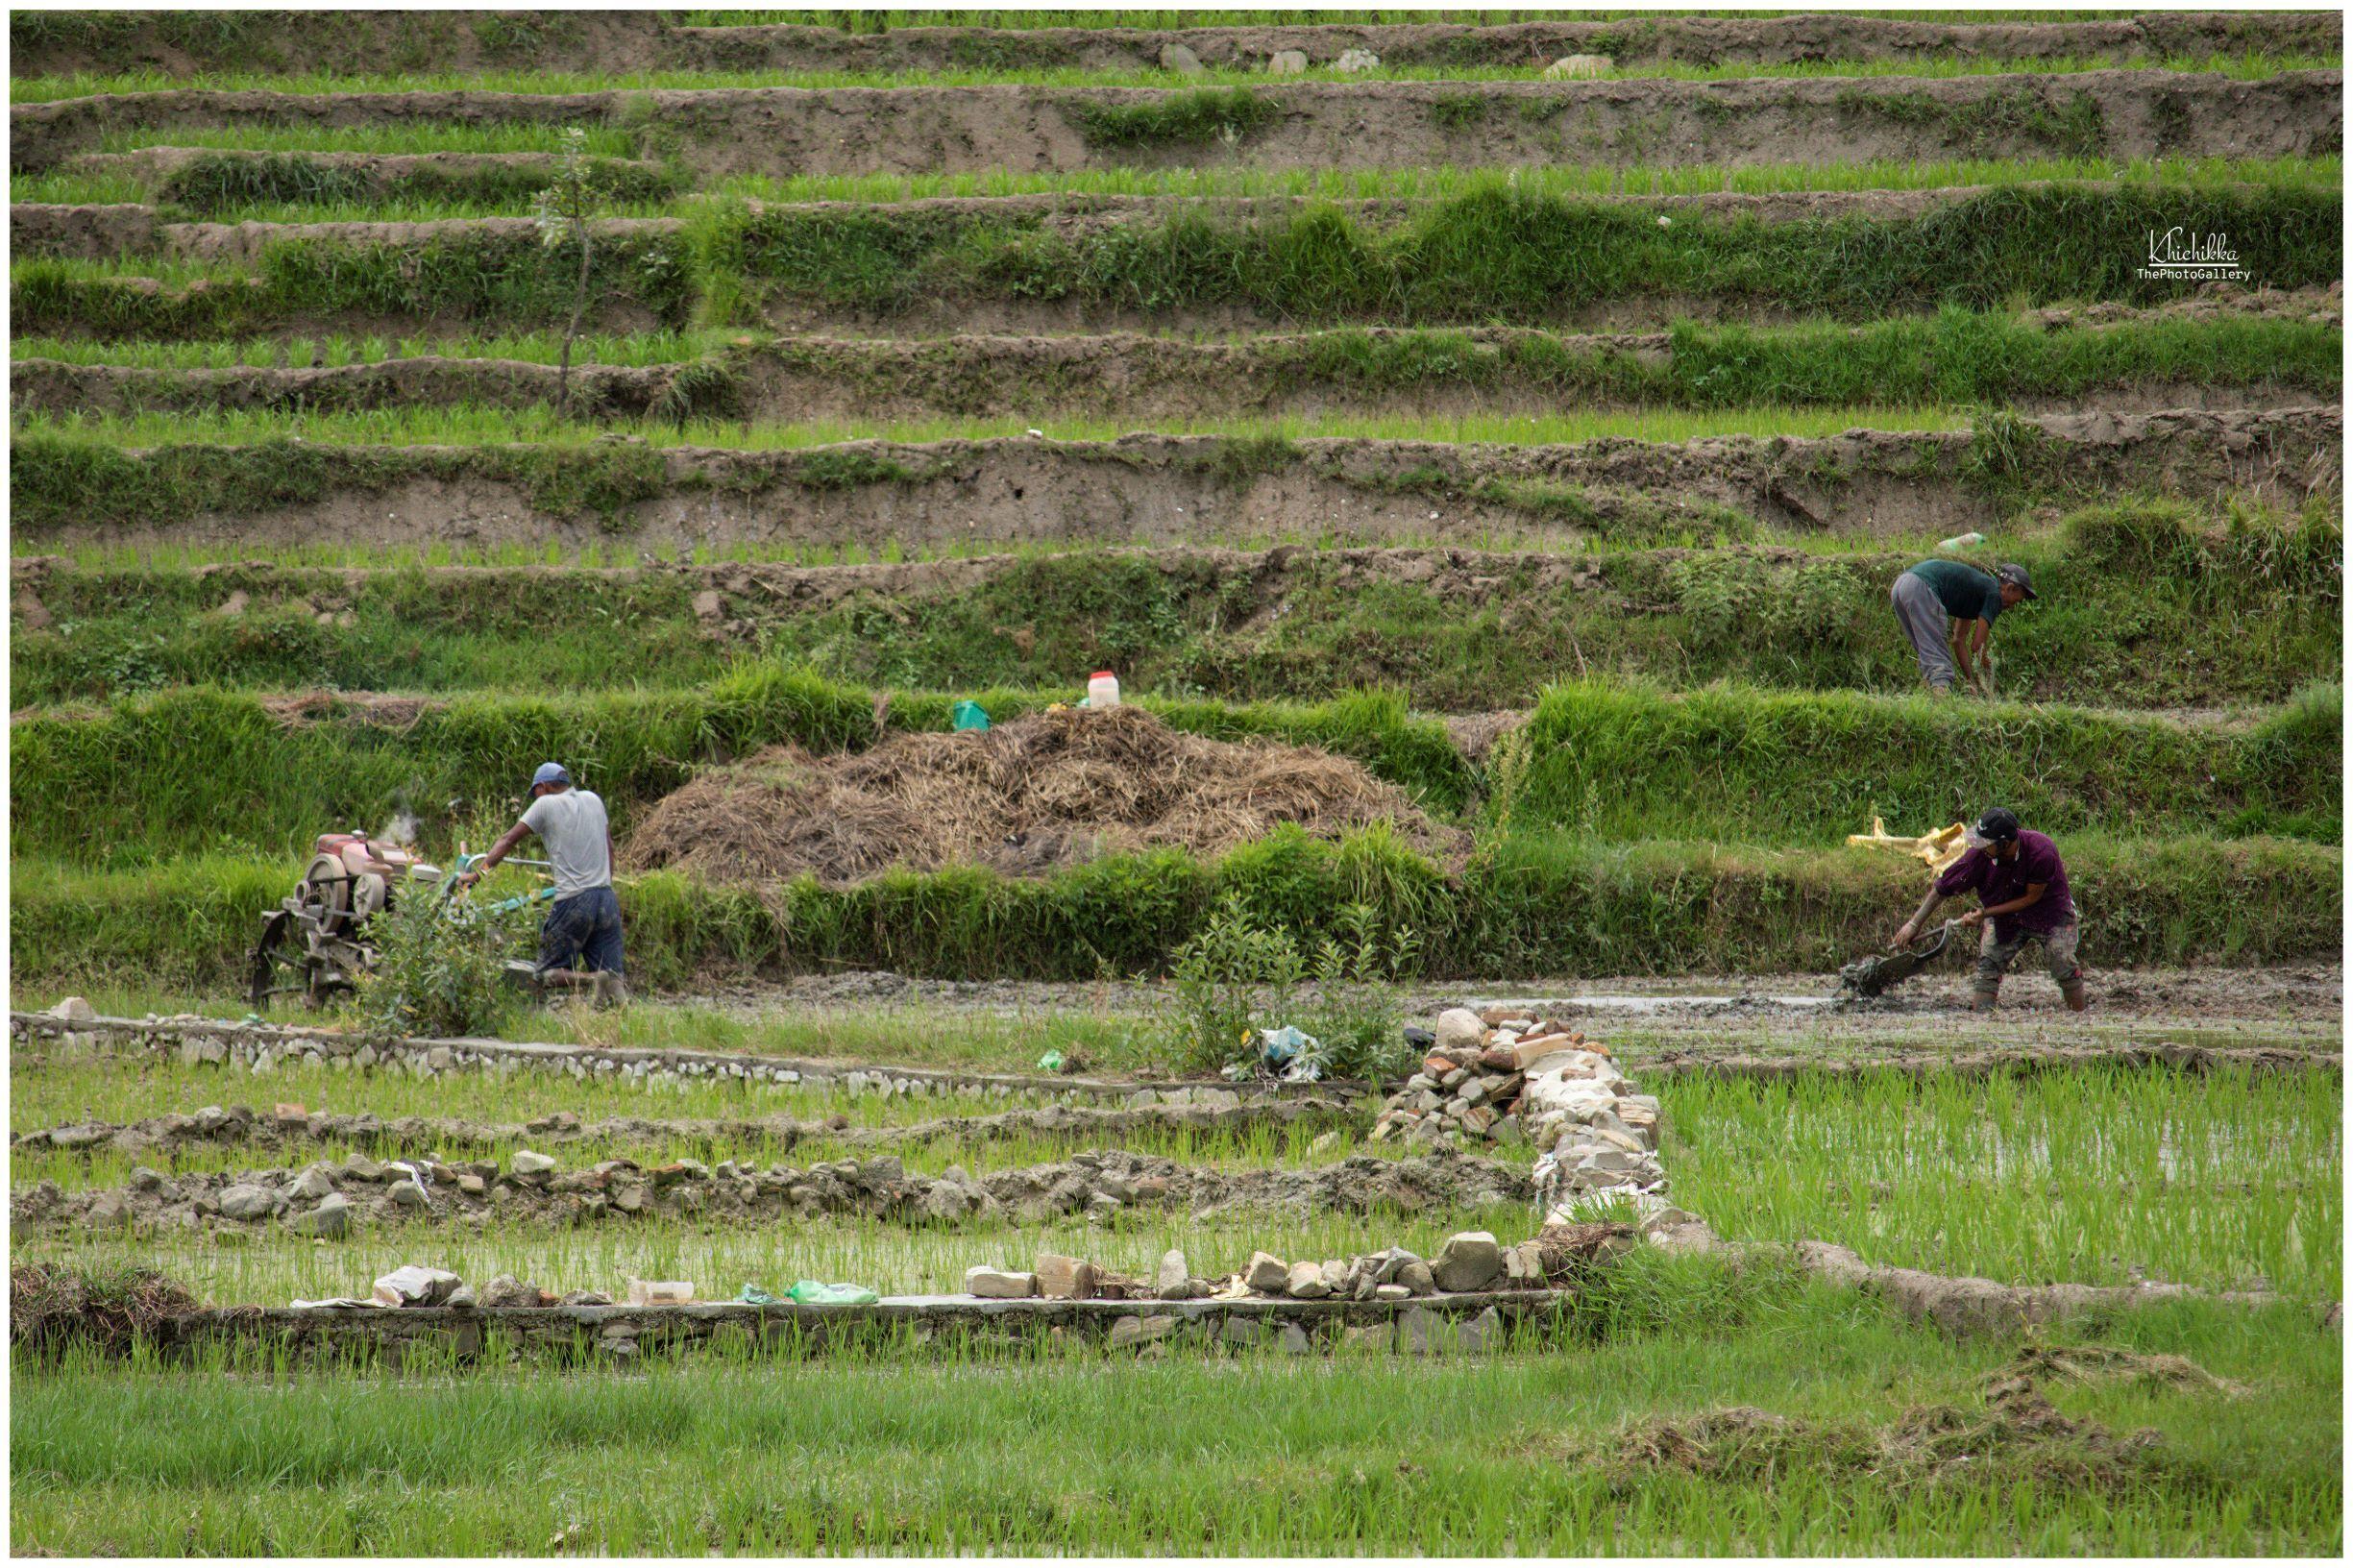 https://www.bhaktapur.com/wp-content/uploads/2020/06/saurav-Bajracharya-resized-2.jpg